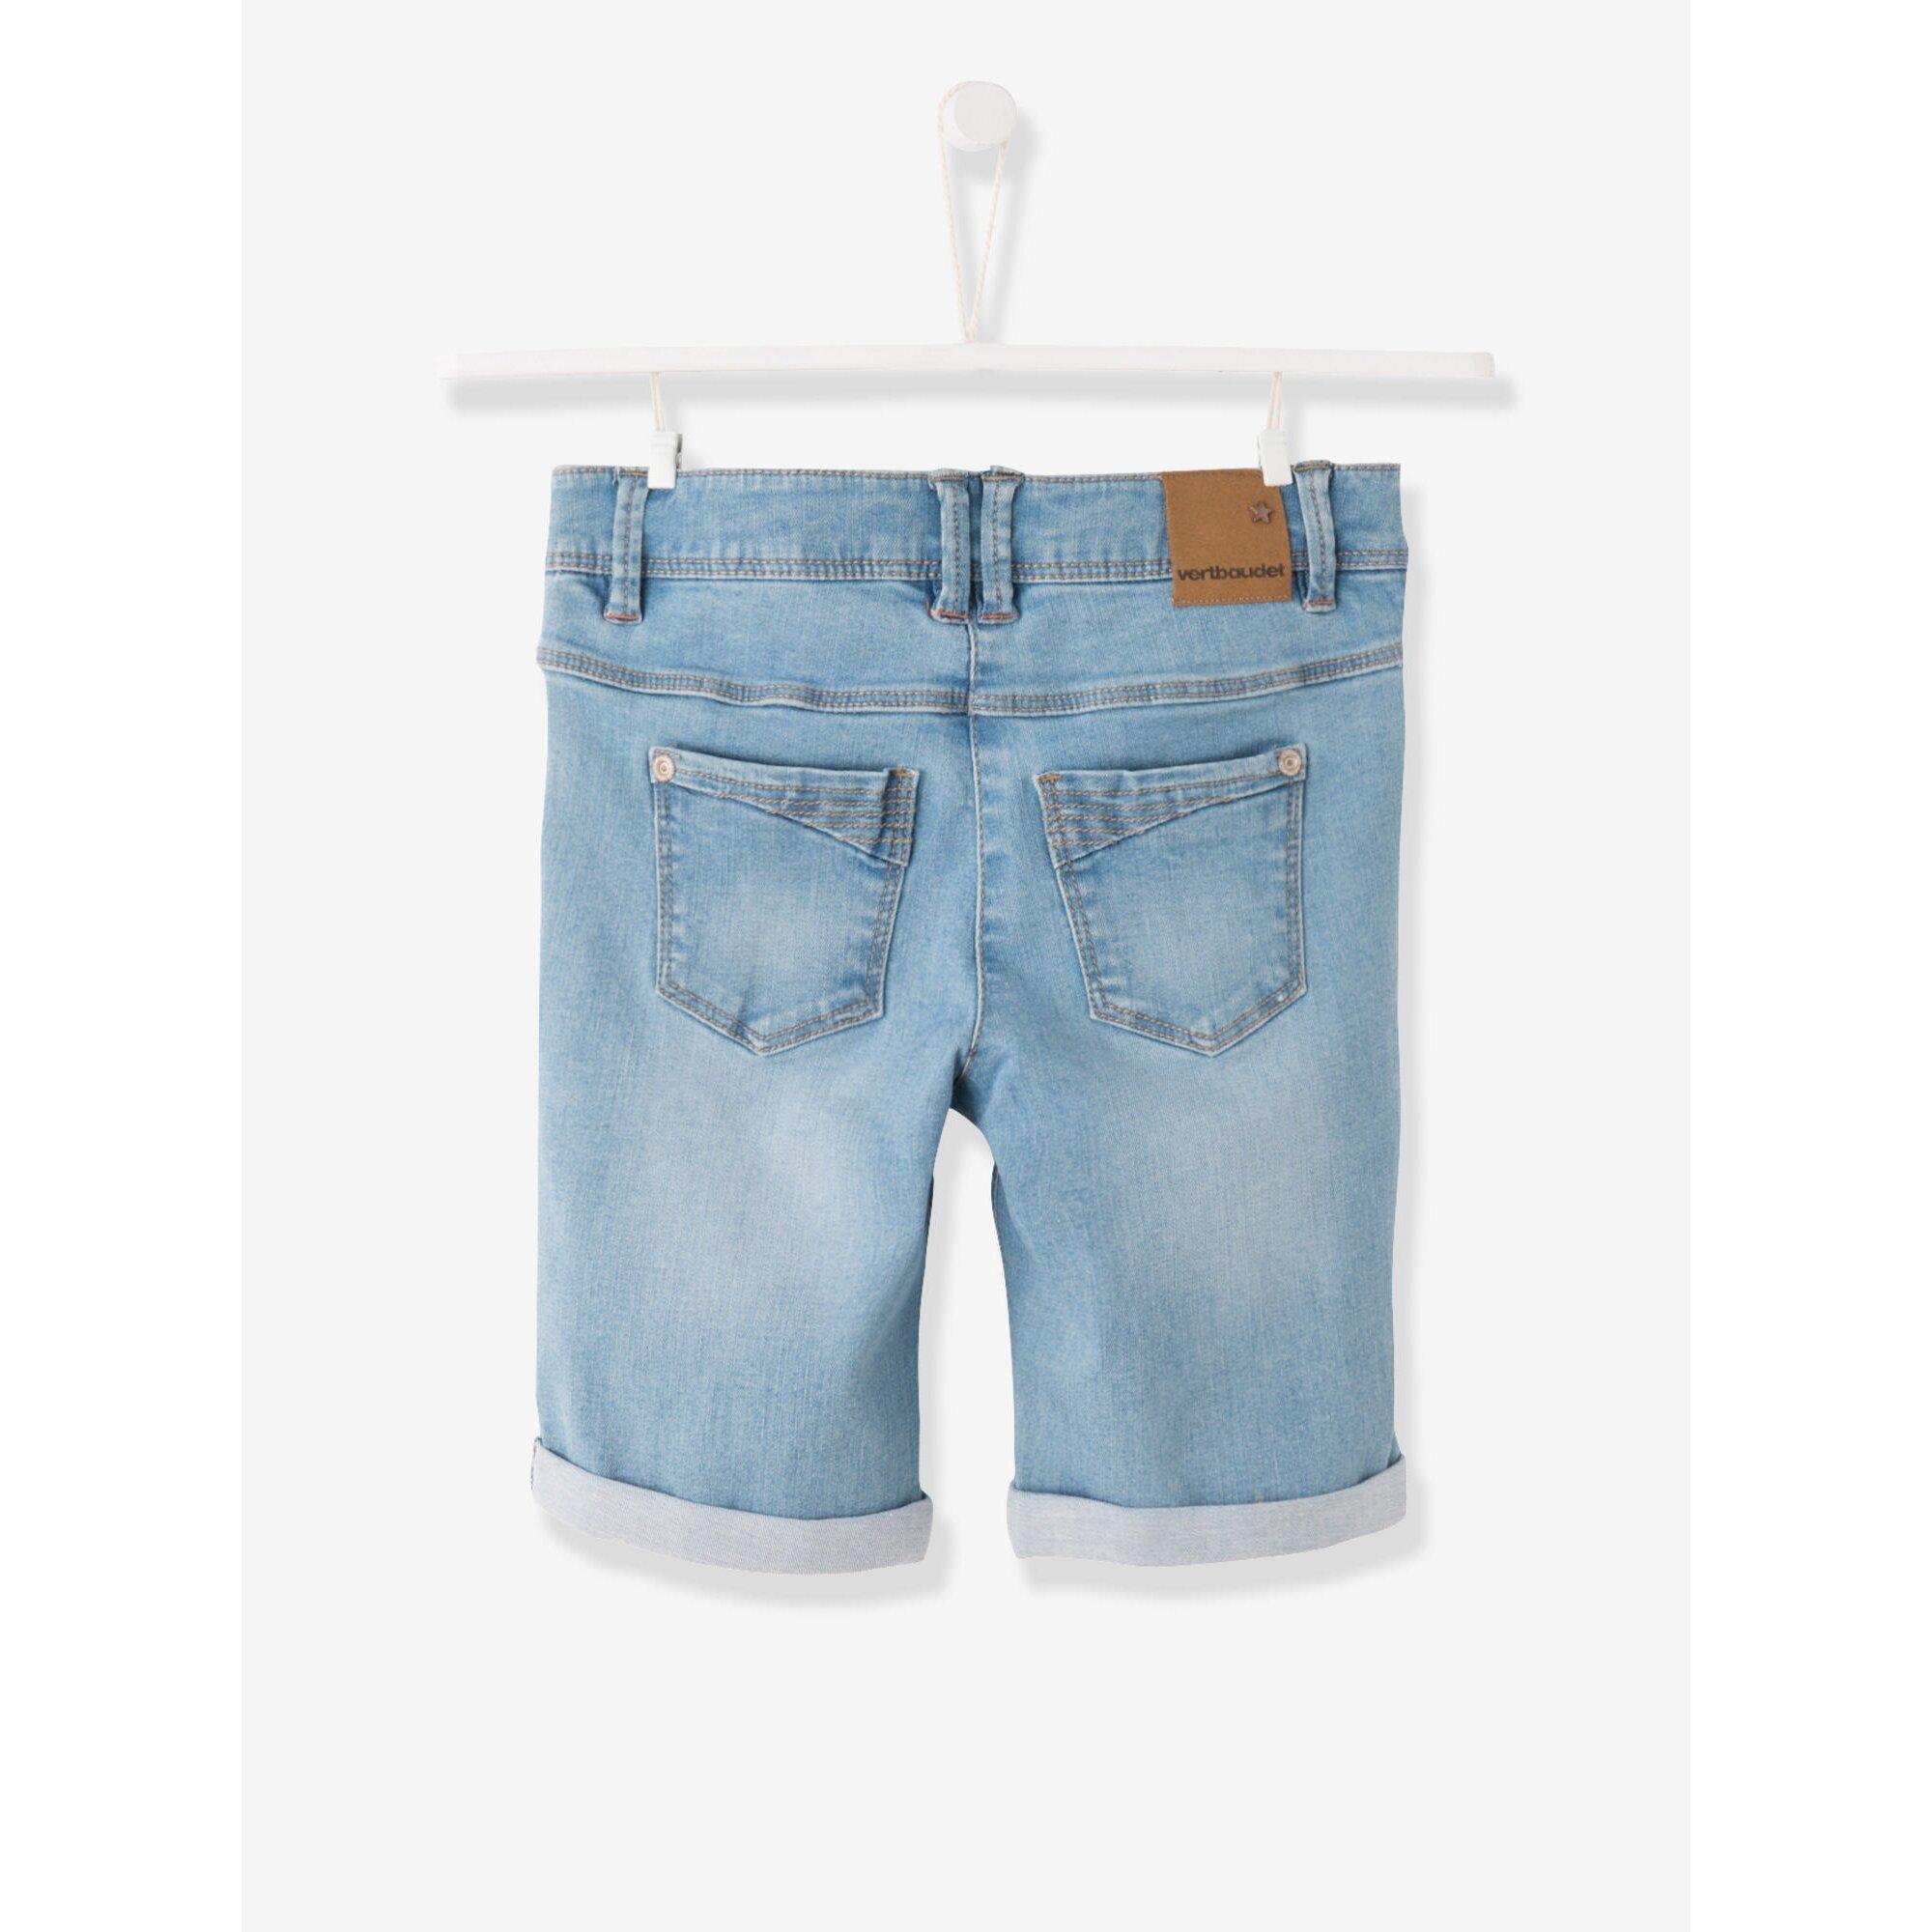 vertbaudet-jeans-bermudas-fur-madchen, 18.99 EUR @ babywalz-de